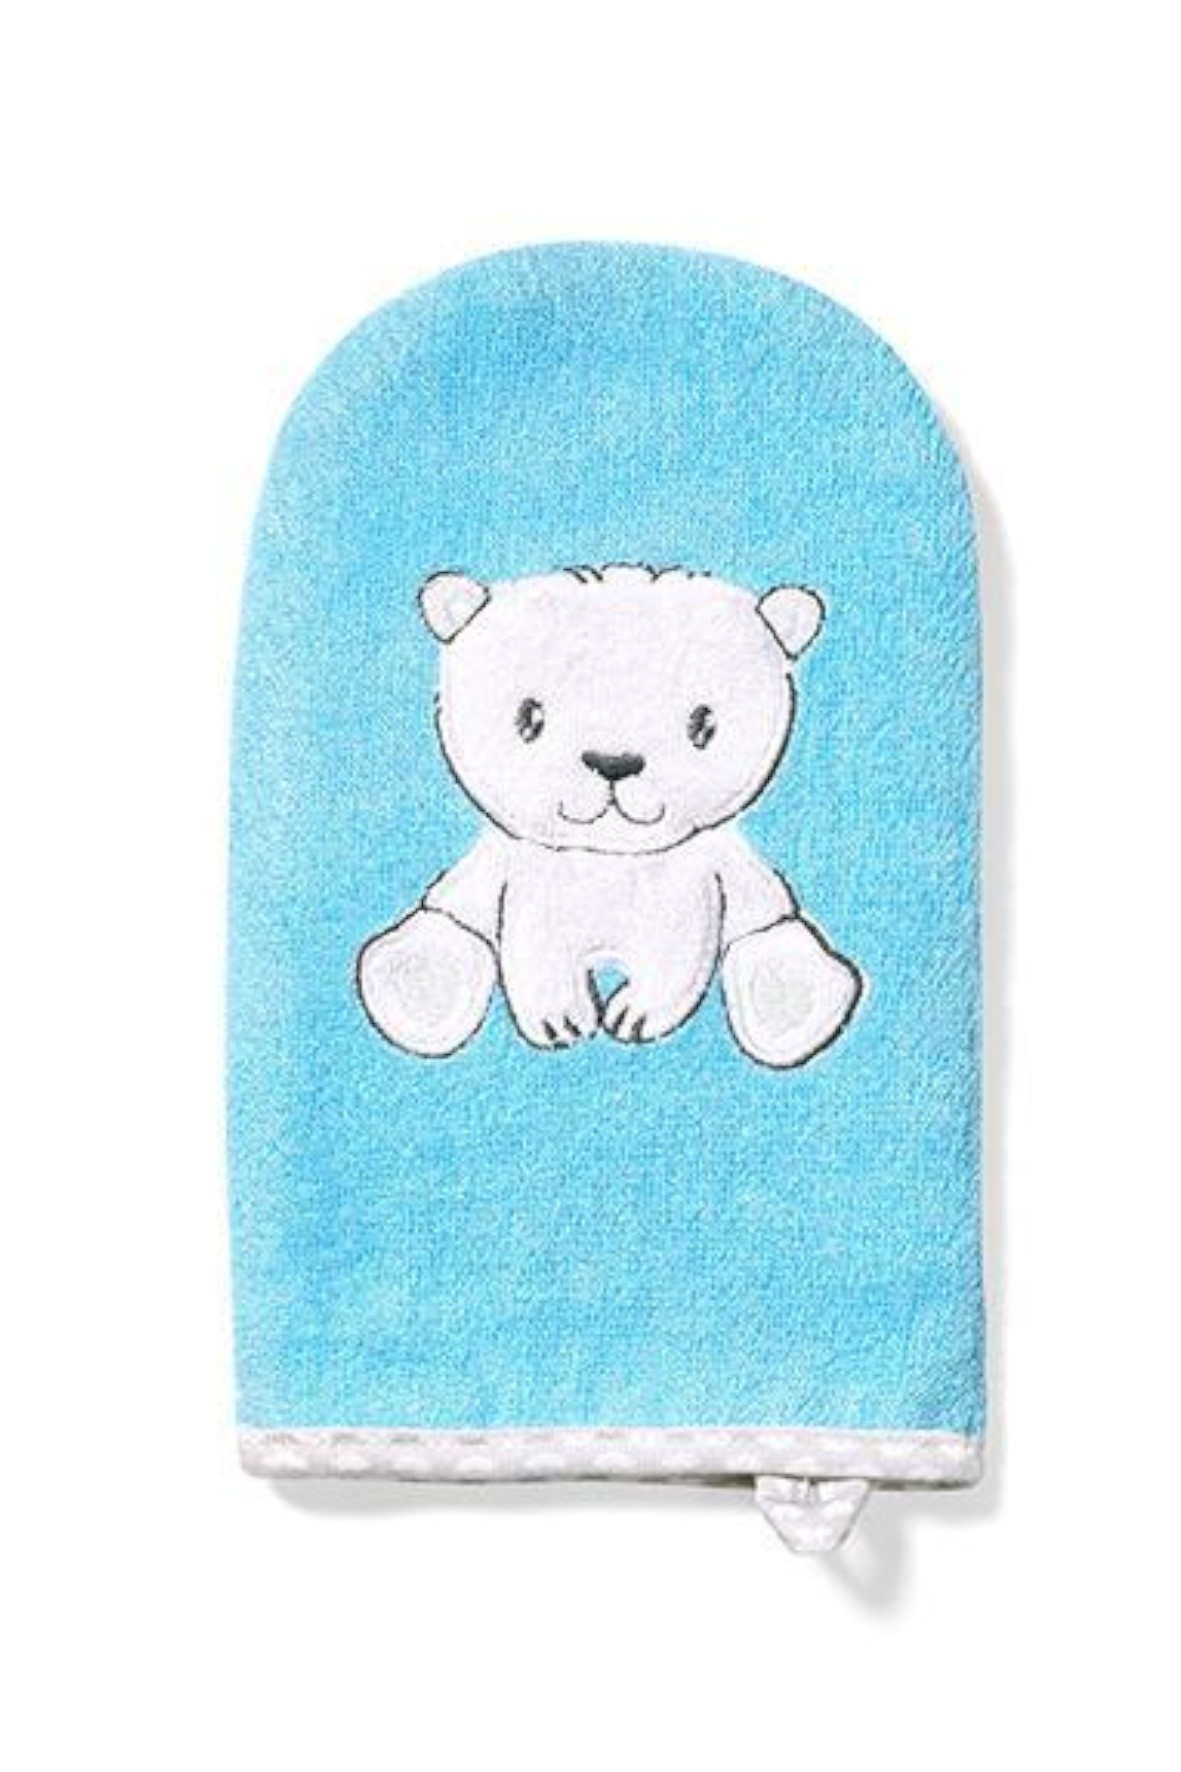 Myjka do kąpieli bambusowa dla dzieci i niemowląt- niebieska z misiem